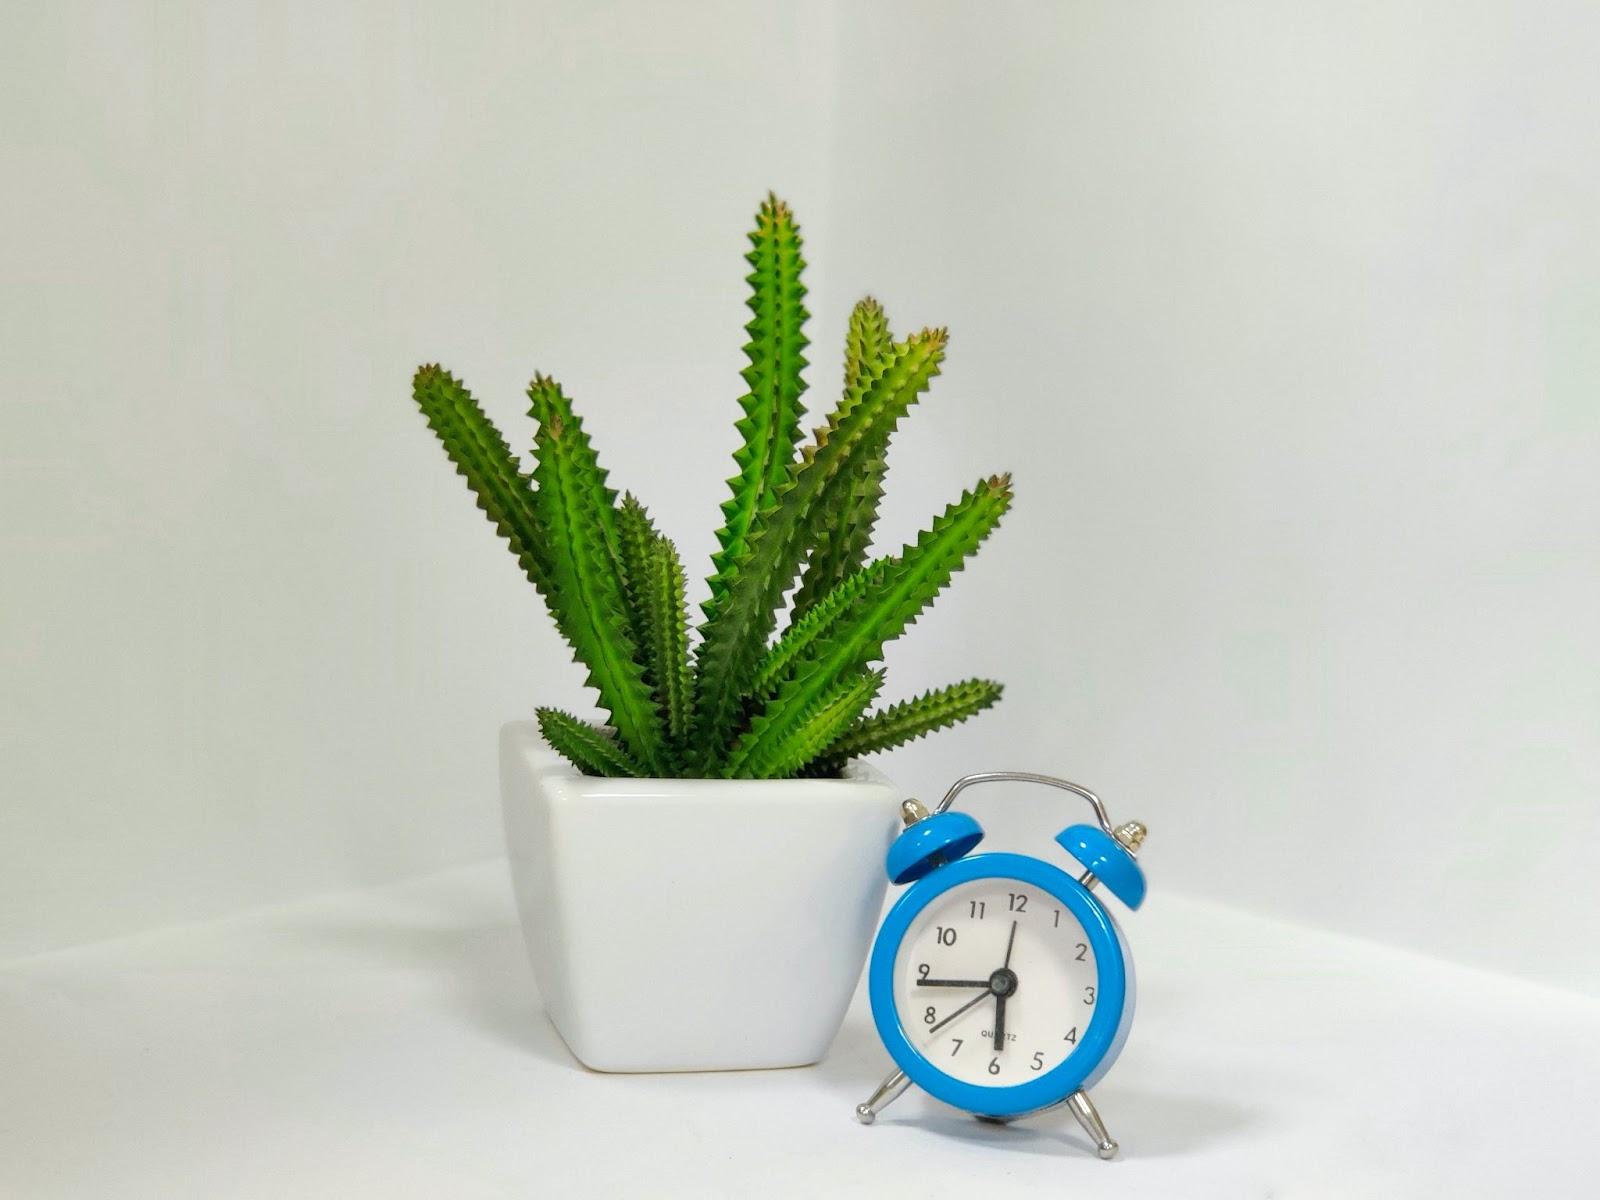 alarm clock and succulent